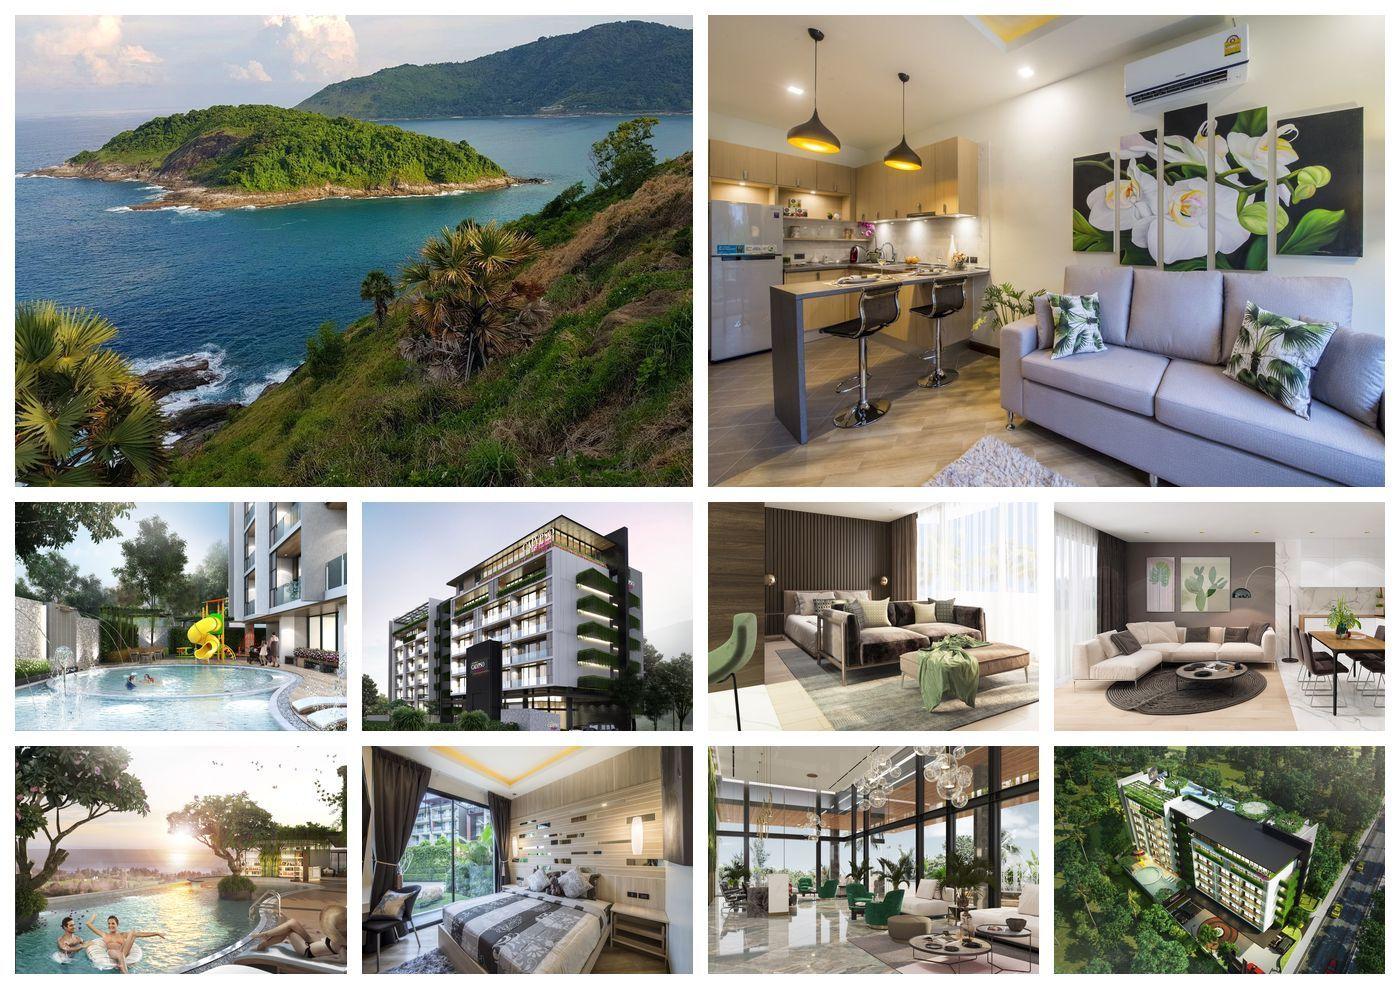 Кондоминиум в тайланде средние цены квартиры в дубае какие?